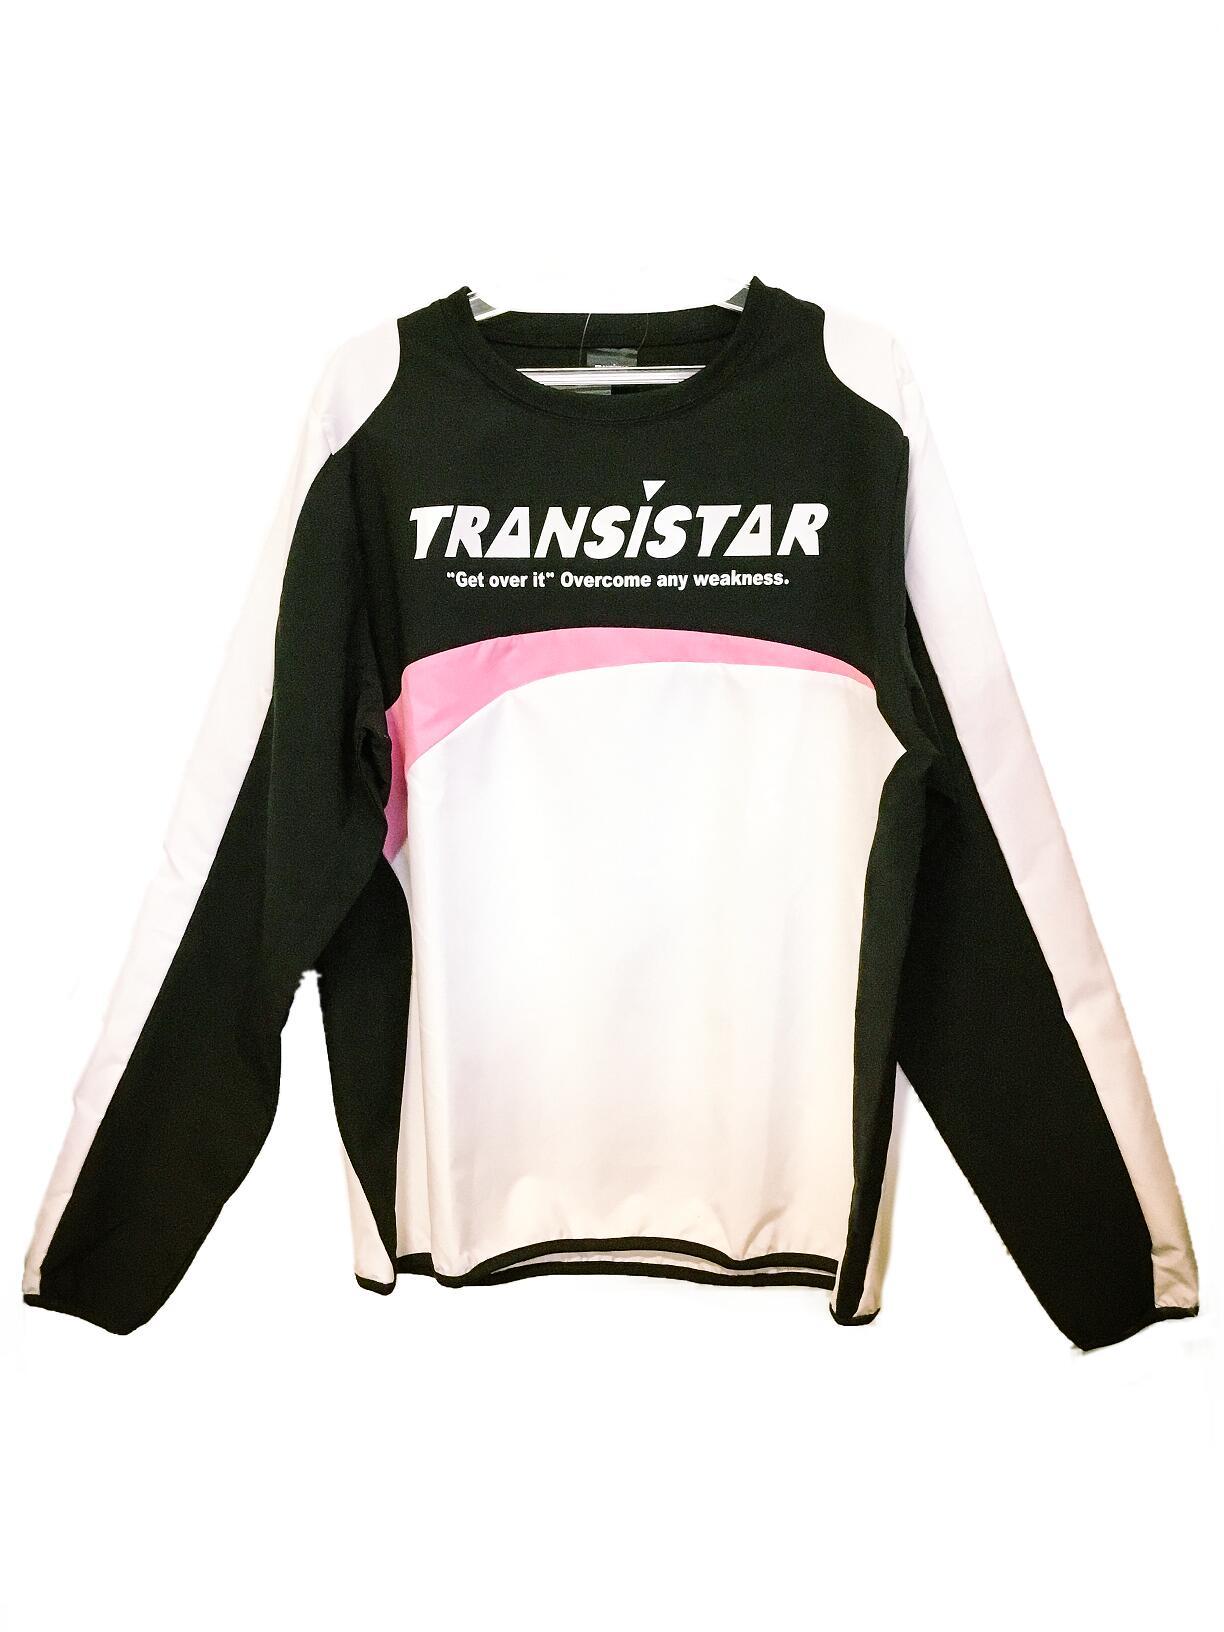 TRANSISTAR 高級な トランジスタ ピステジャケット ハンドボール ハンドボールウェア 06 営業 ピンク HB19AT04 ブラック